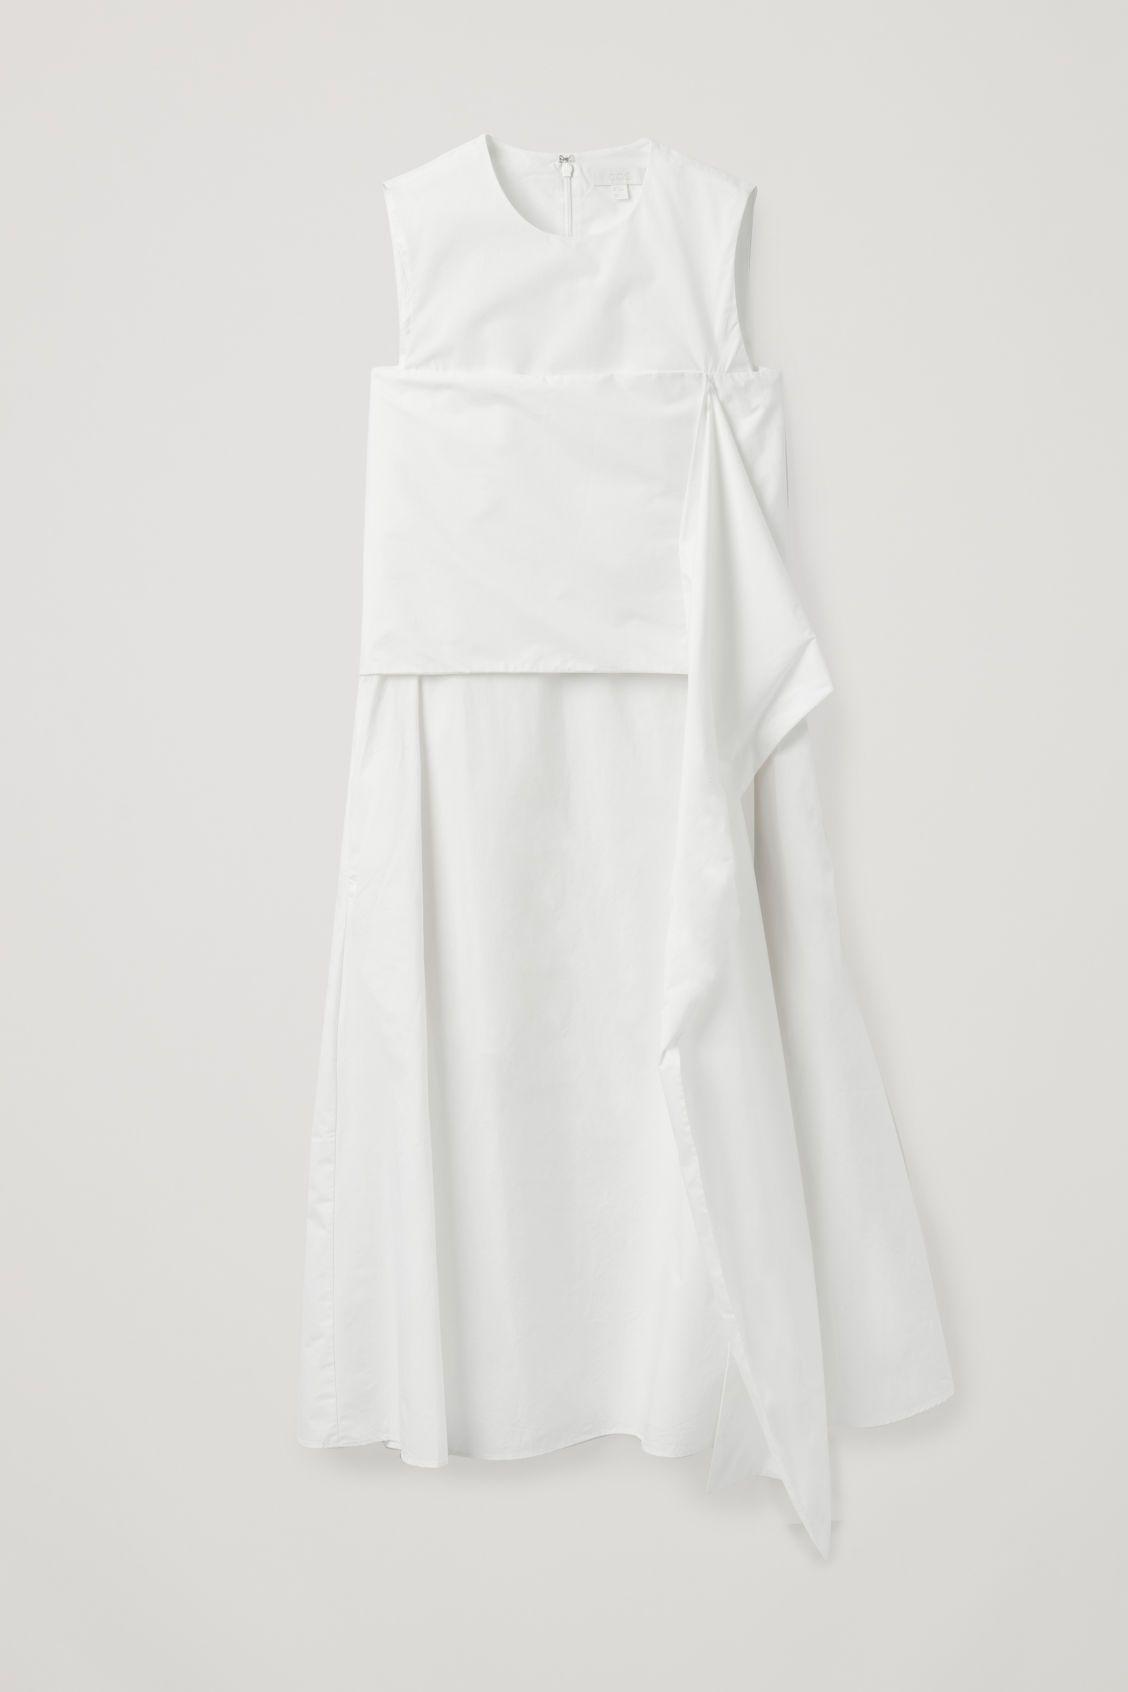 ffb1d7f42c09 WOVEN-PANELLED A-LINE JERSEY DRESS - Deep navy - Dresses - COS ...